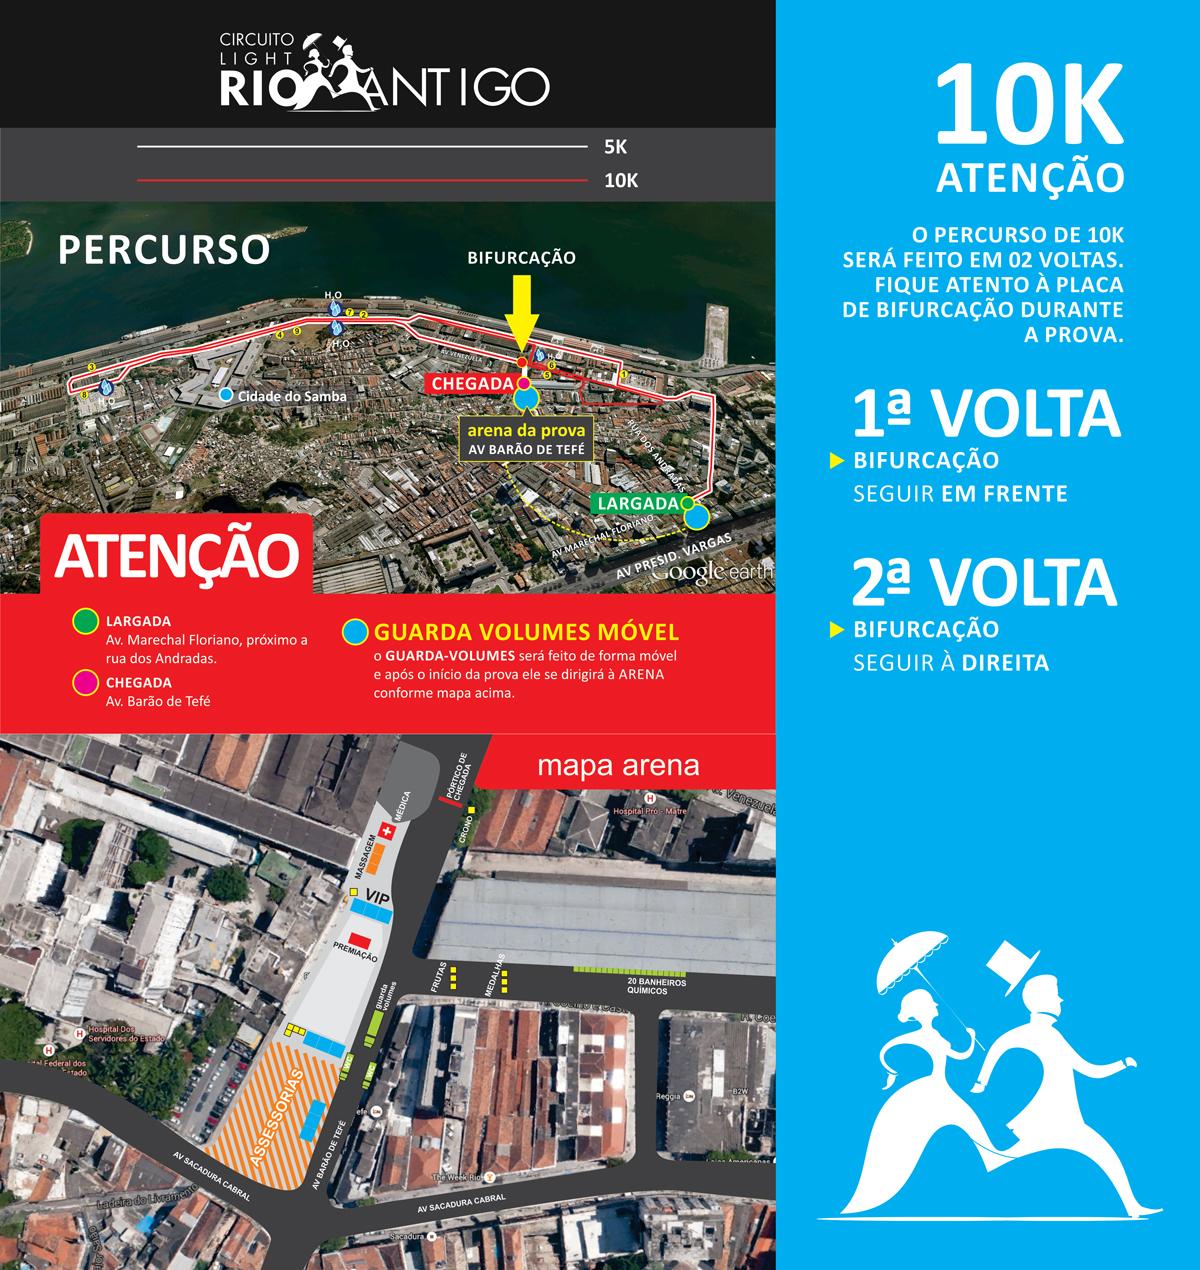 Circuito Rio Antigo : Informações para o circuito light rio antigo u2013 etapa porto maravilha